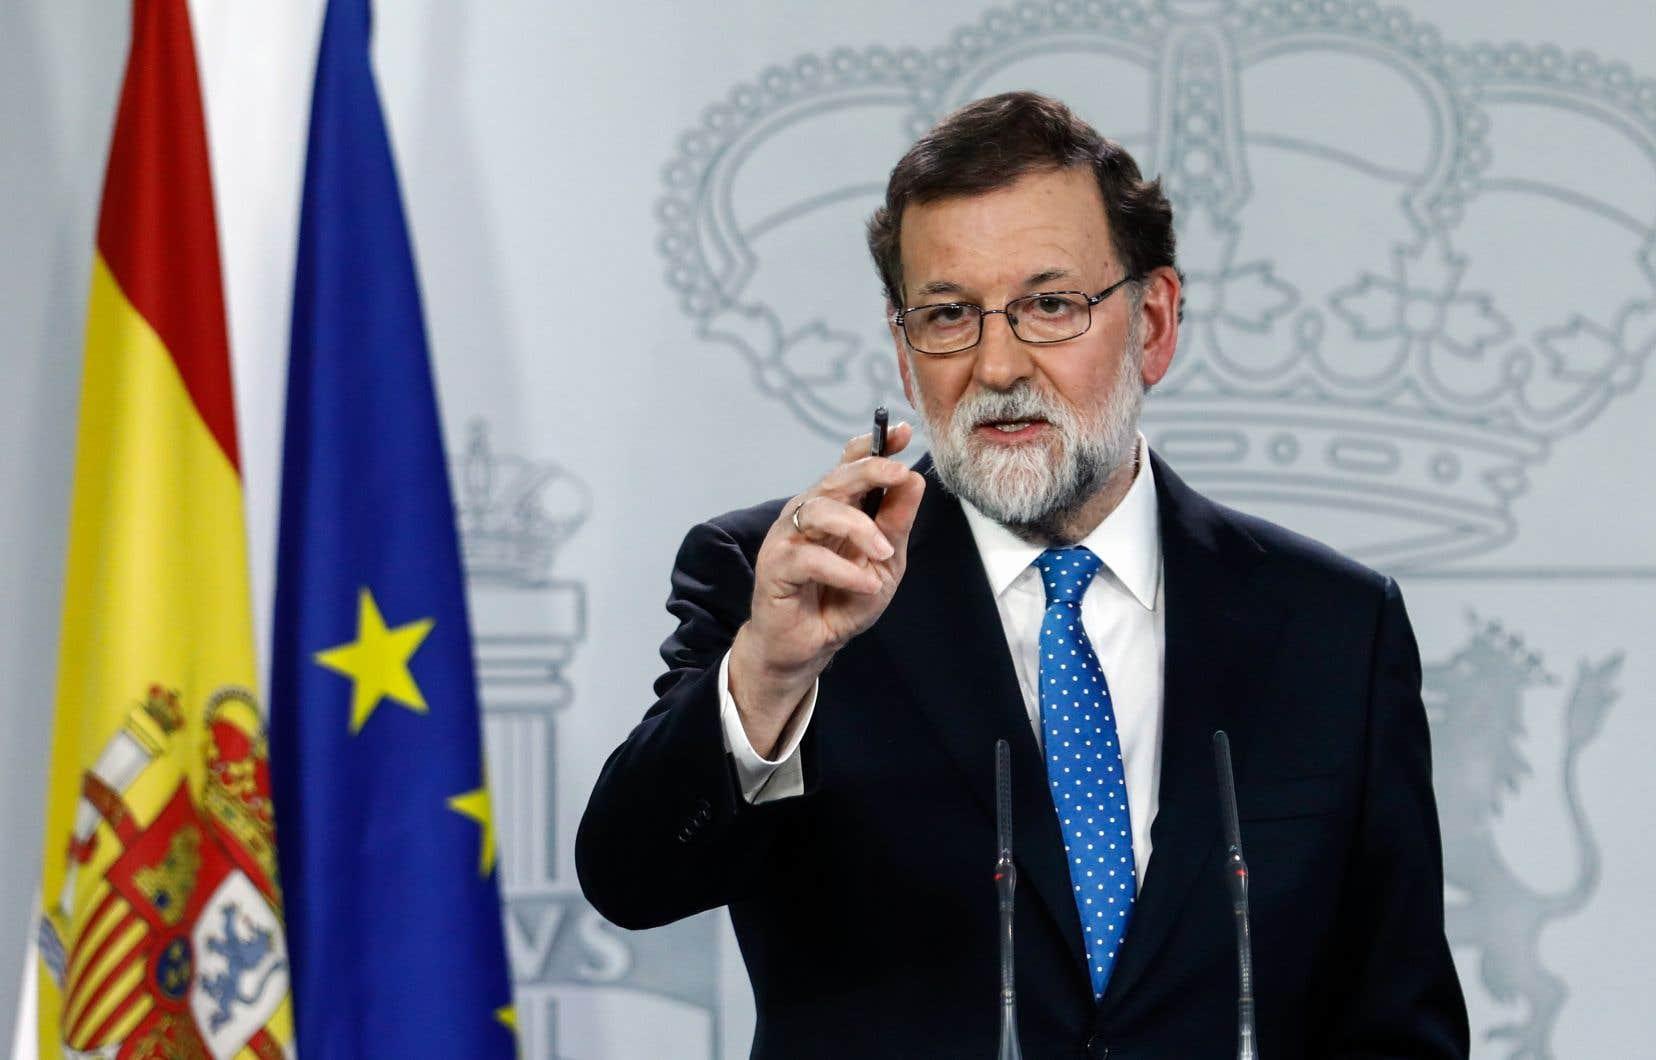 Mariano Rajoy a affirmé que Carles Puigdemont devra prendre ses fonctions «physiquement» pour que la tutelle de la Catalogne soit levée.